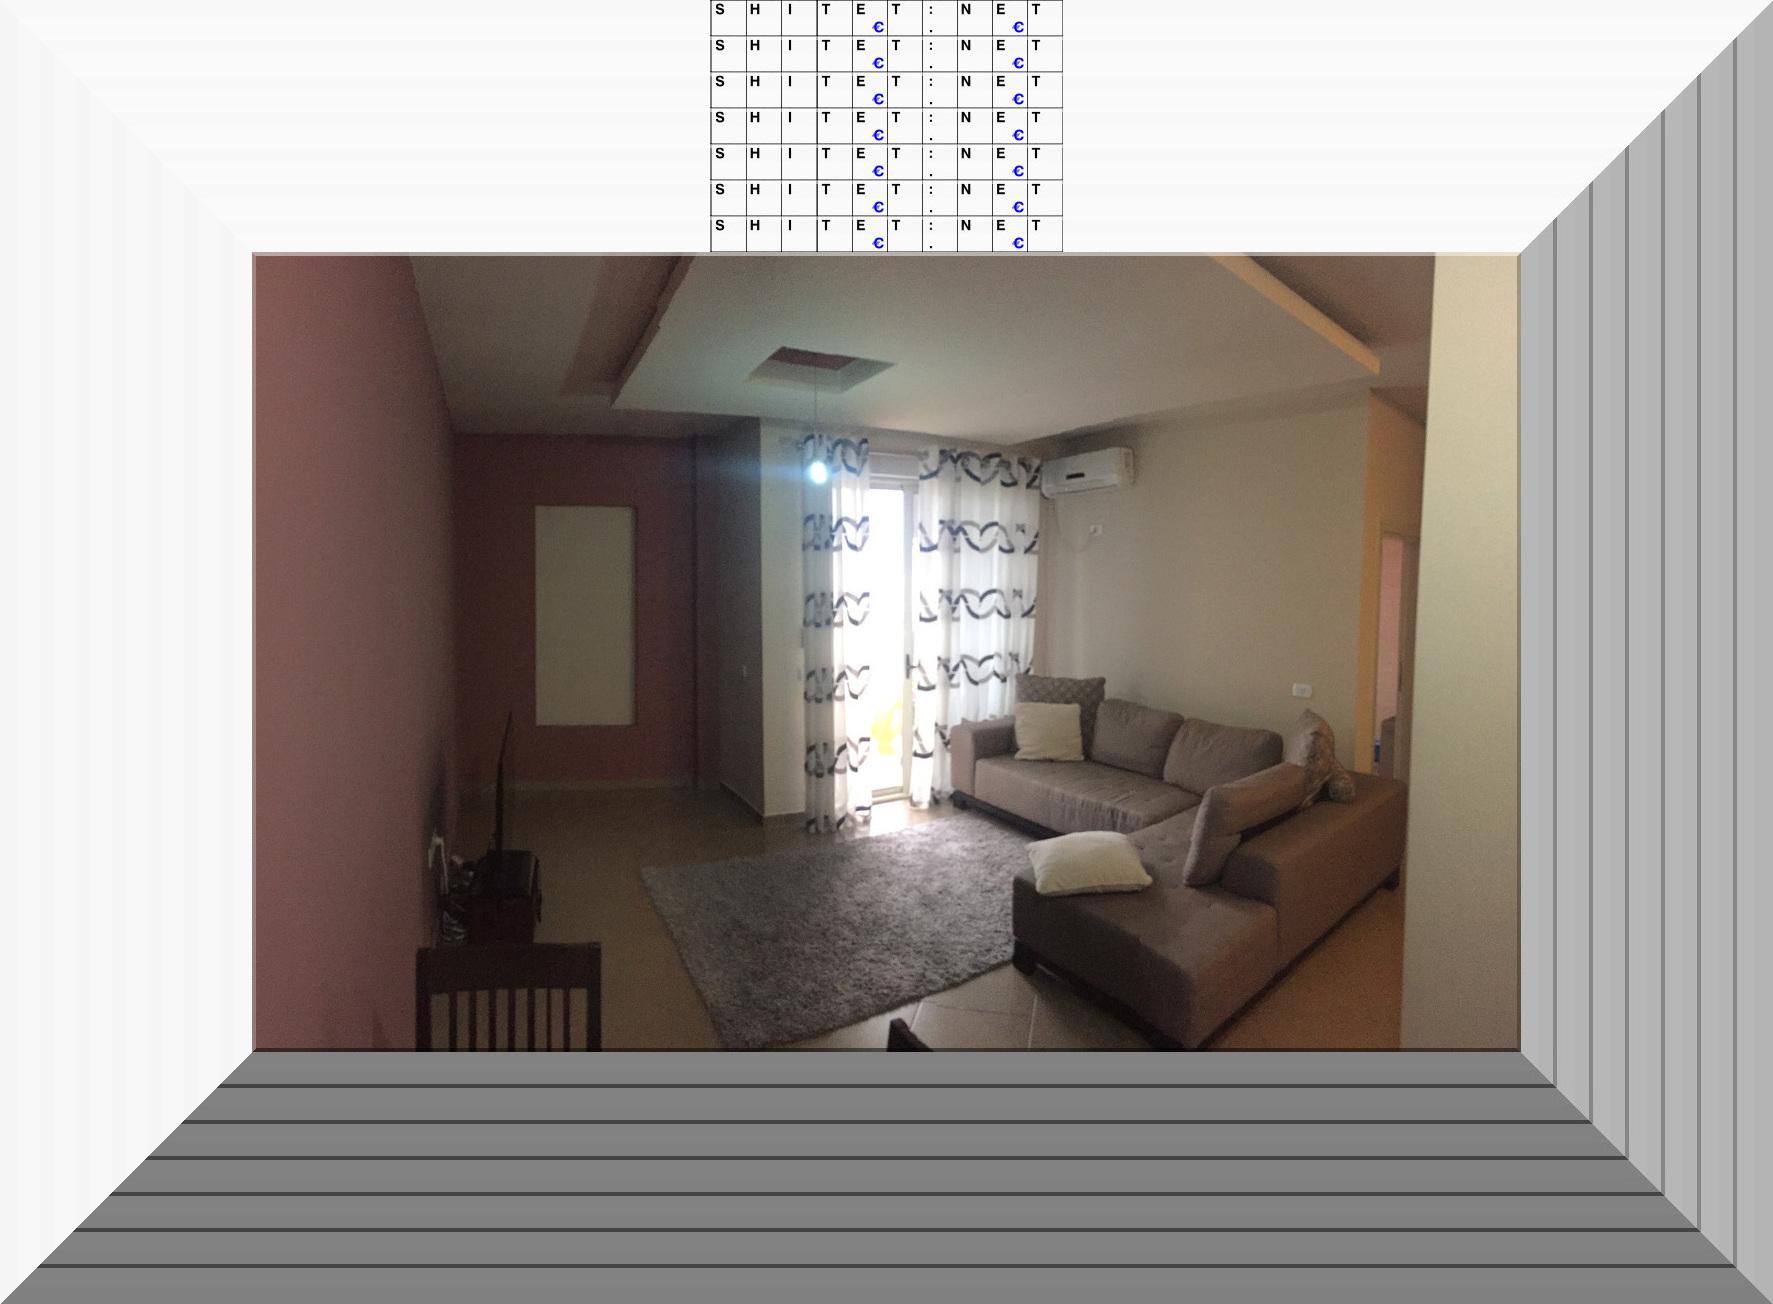 Tirane, shitet Apartament i mobiluar, siperfaqe 92.3m2 mimi - 48,000EUR Total